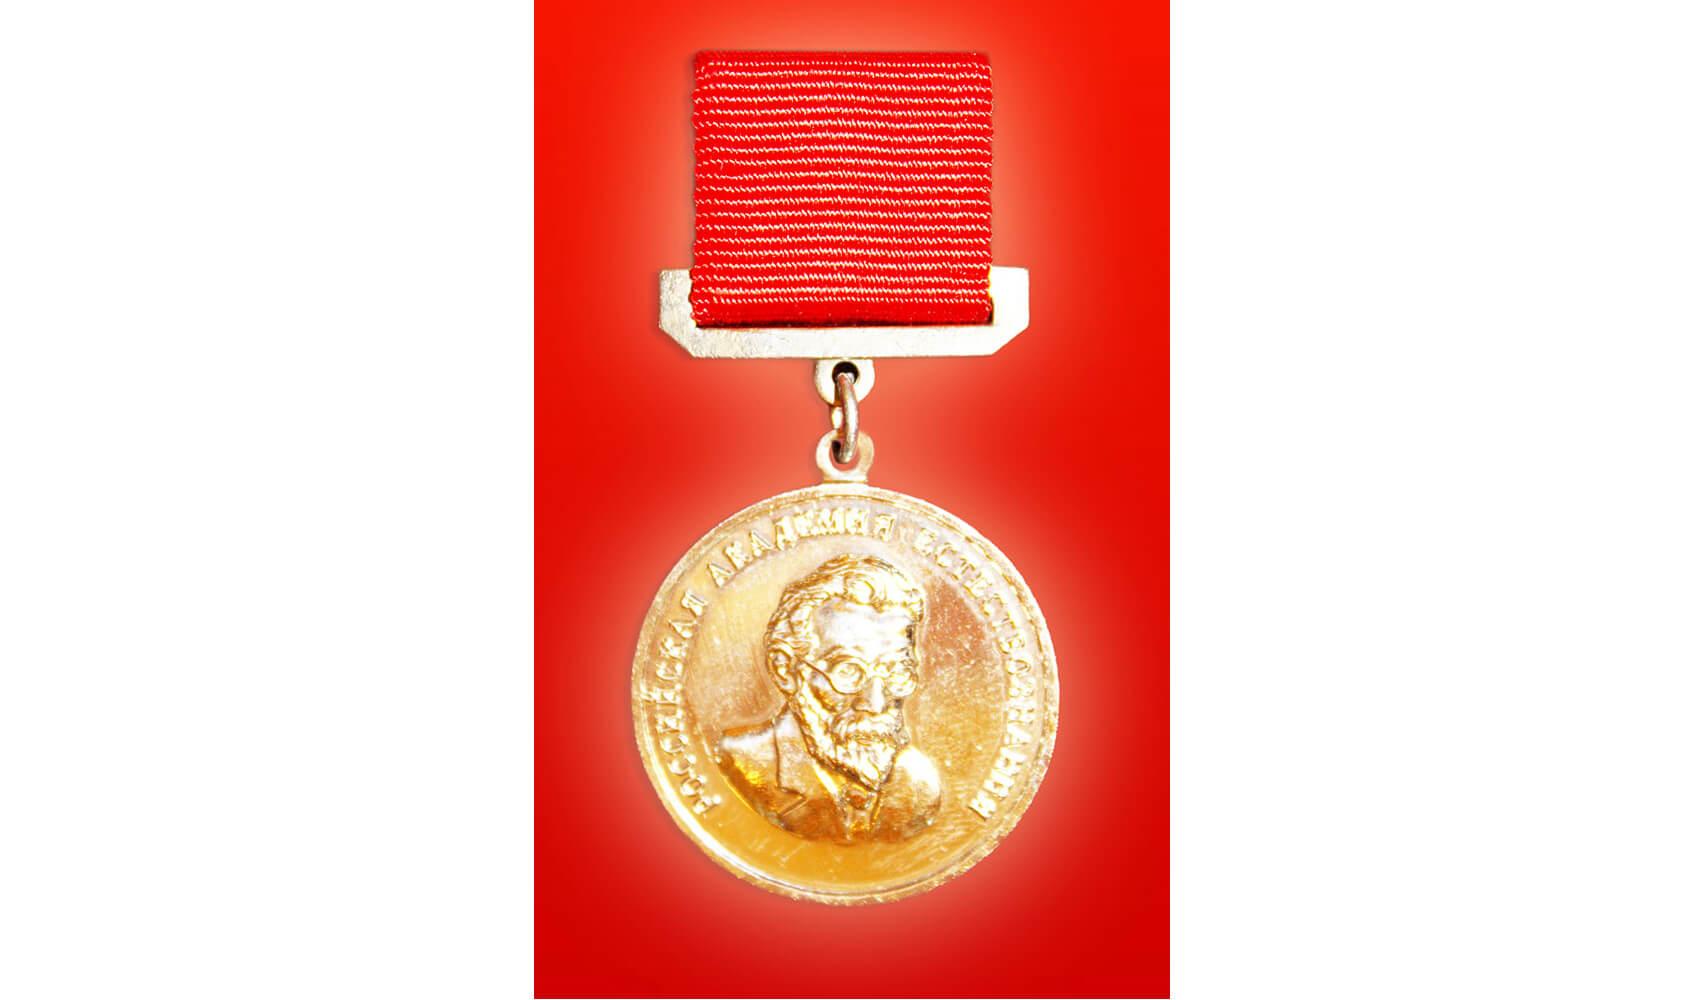 Поздравляем! Сергей Левченко награждён медалью Вернадского